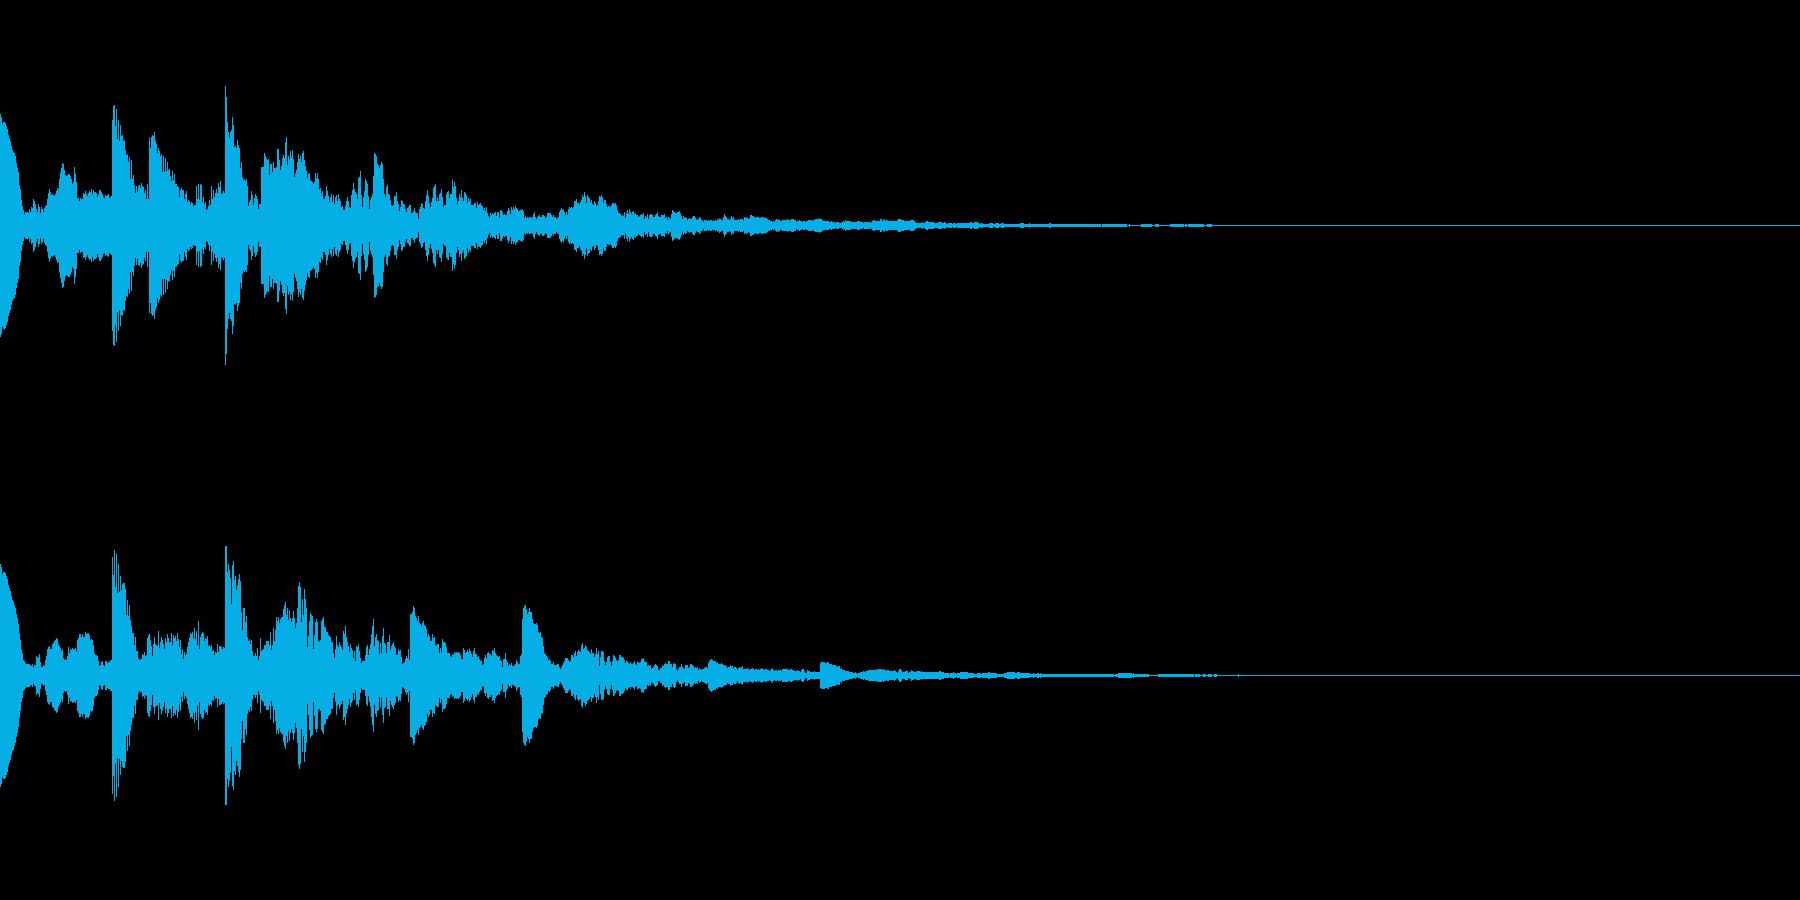 ニュース・お知らせ2の再生済みの波形